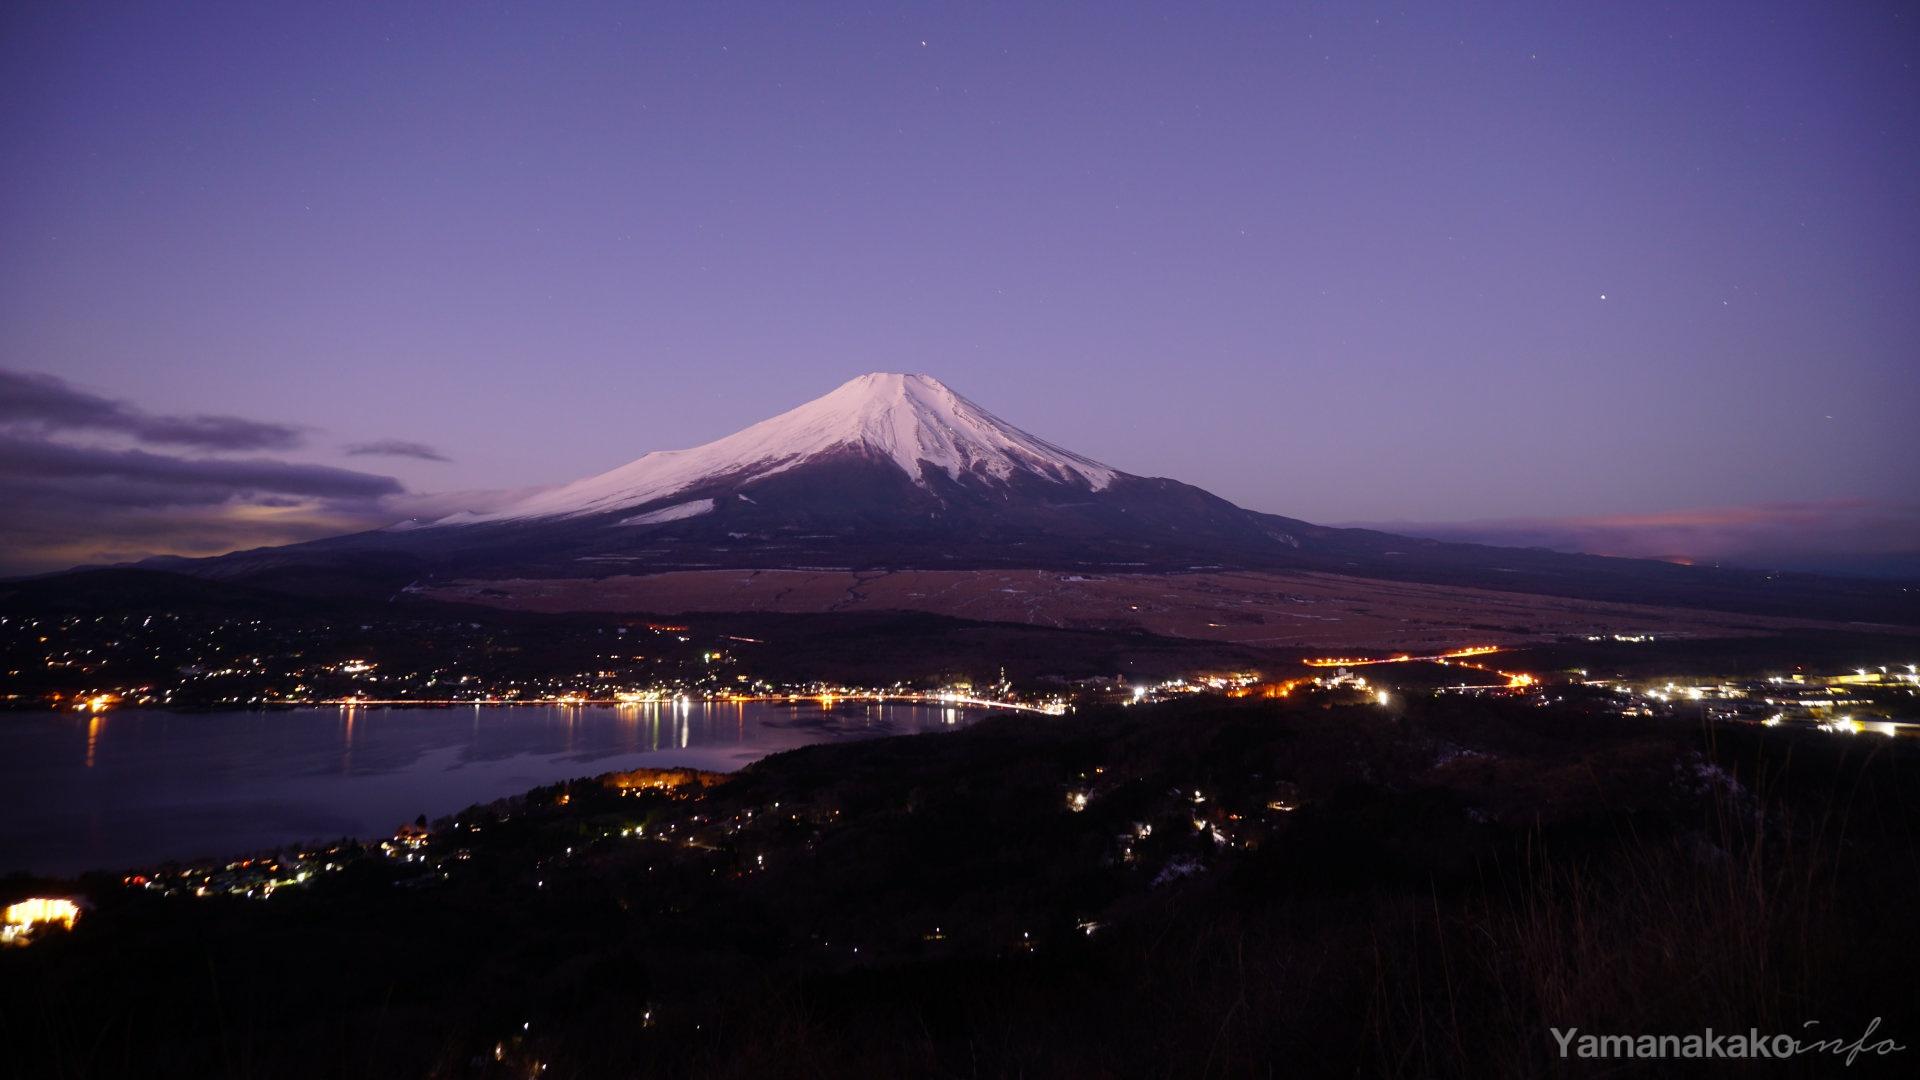 2020年の富士山 壁紙用 山中湖観光情報